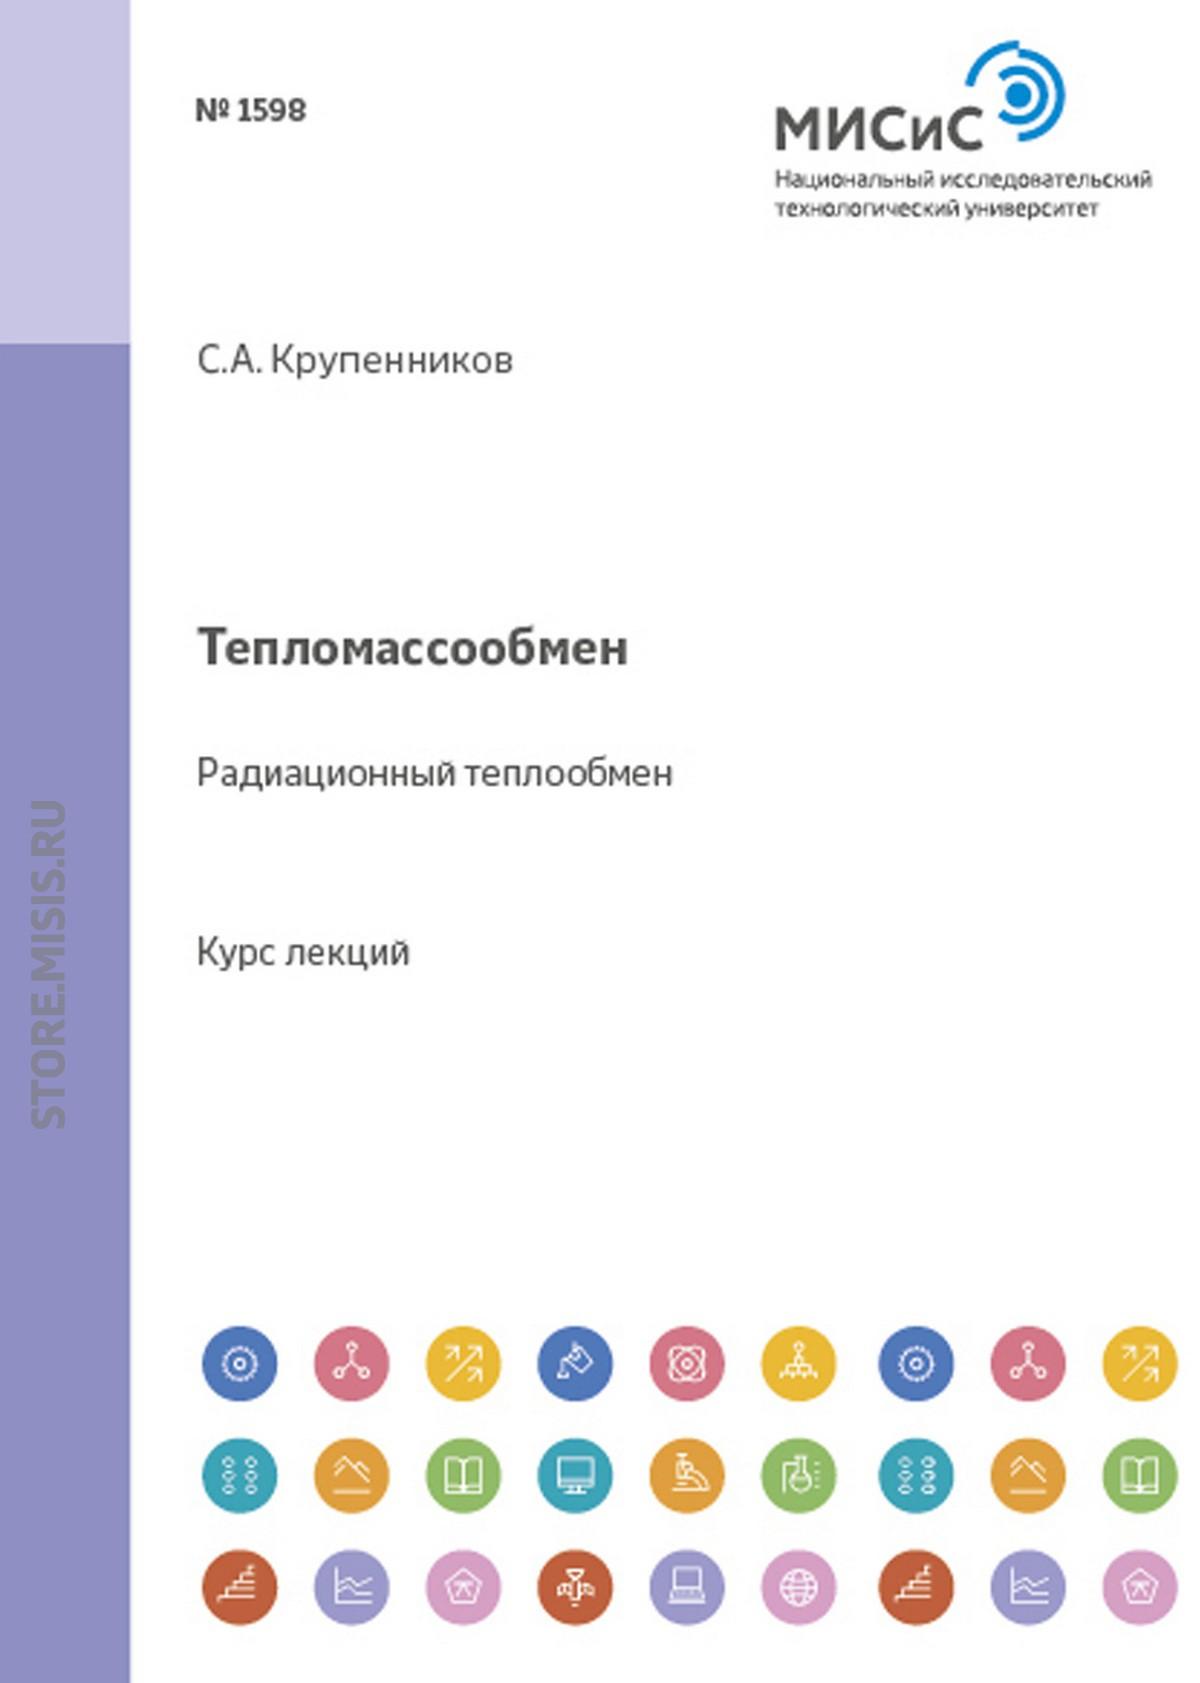 Сергей Крупенников Тепломассообмен. Радиационный теплообмен о ануфриенко техническая термодинамика и тепломассообмен